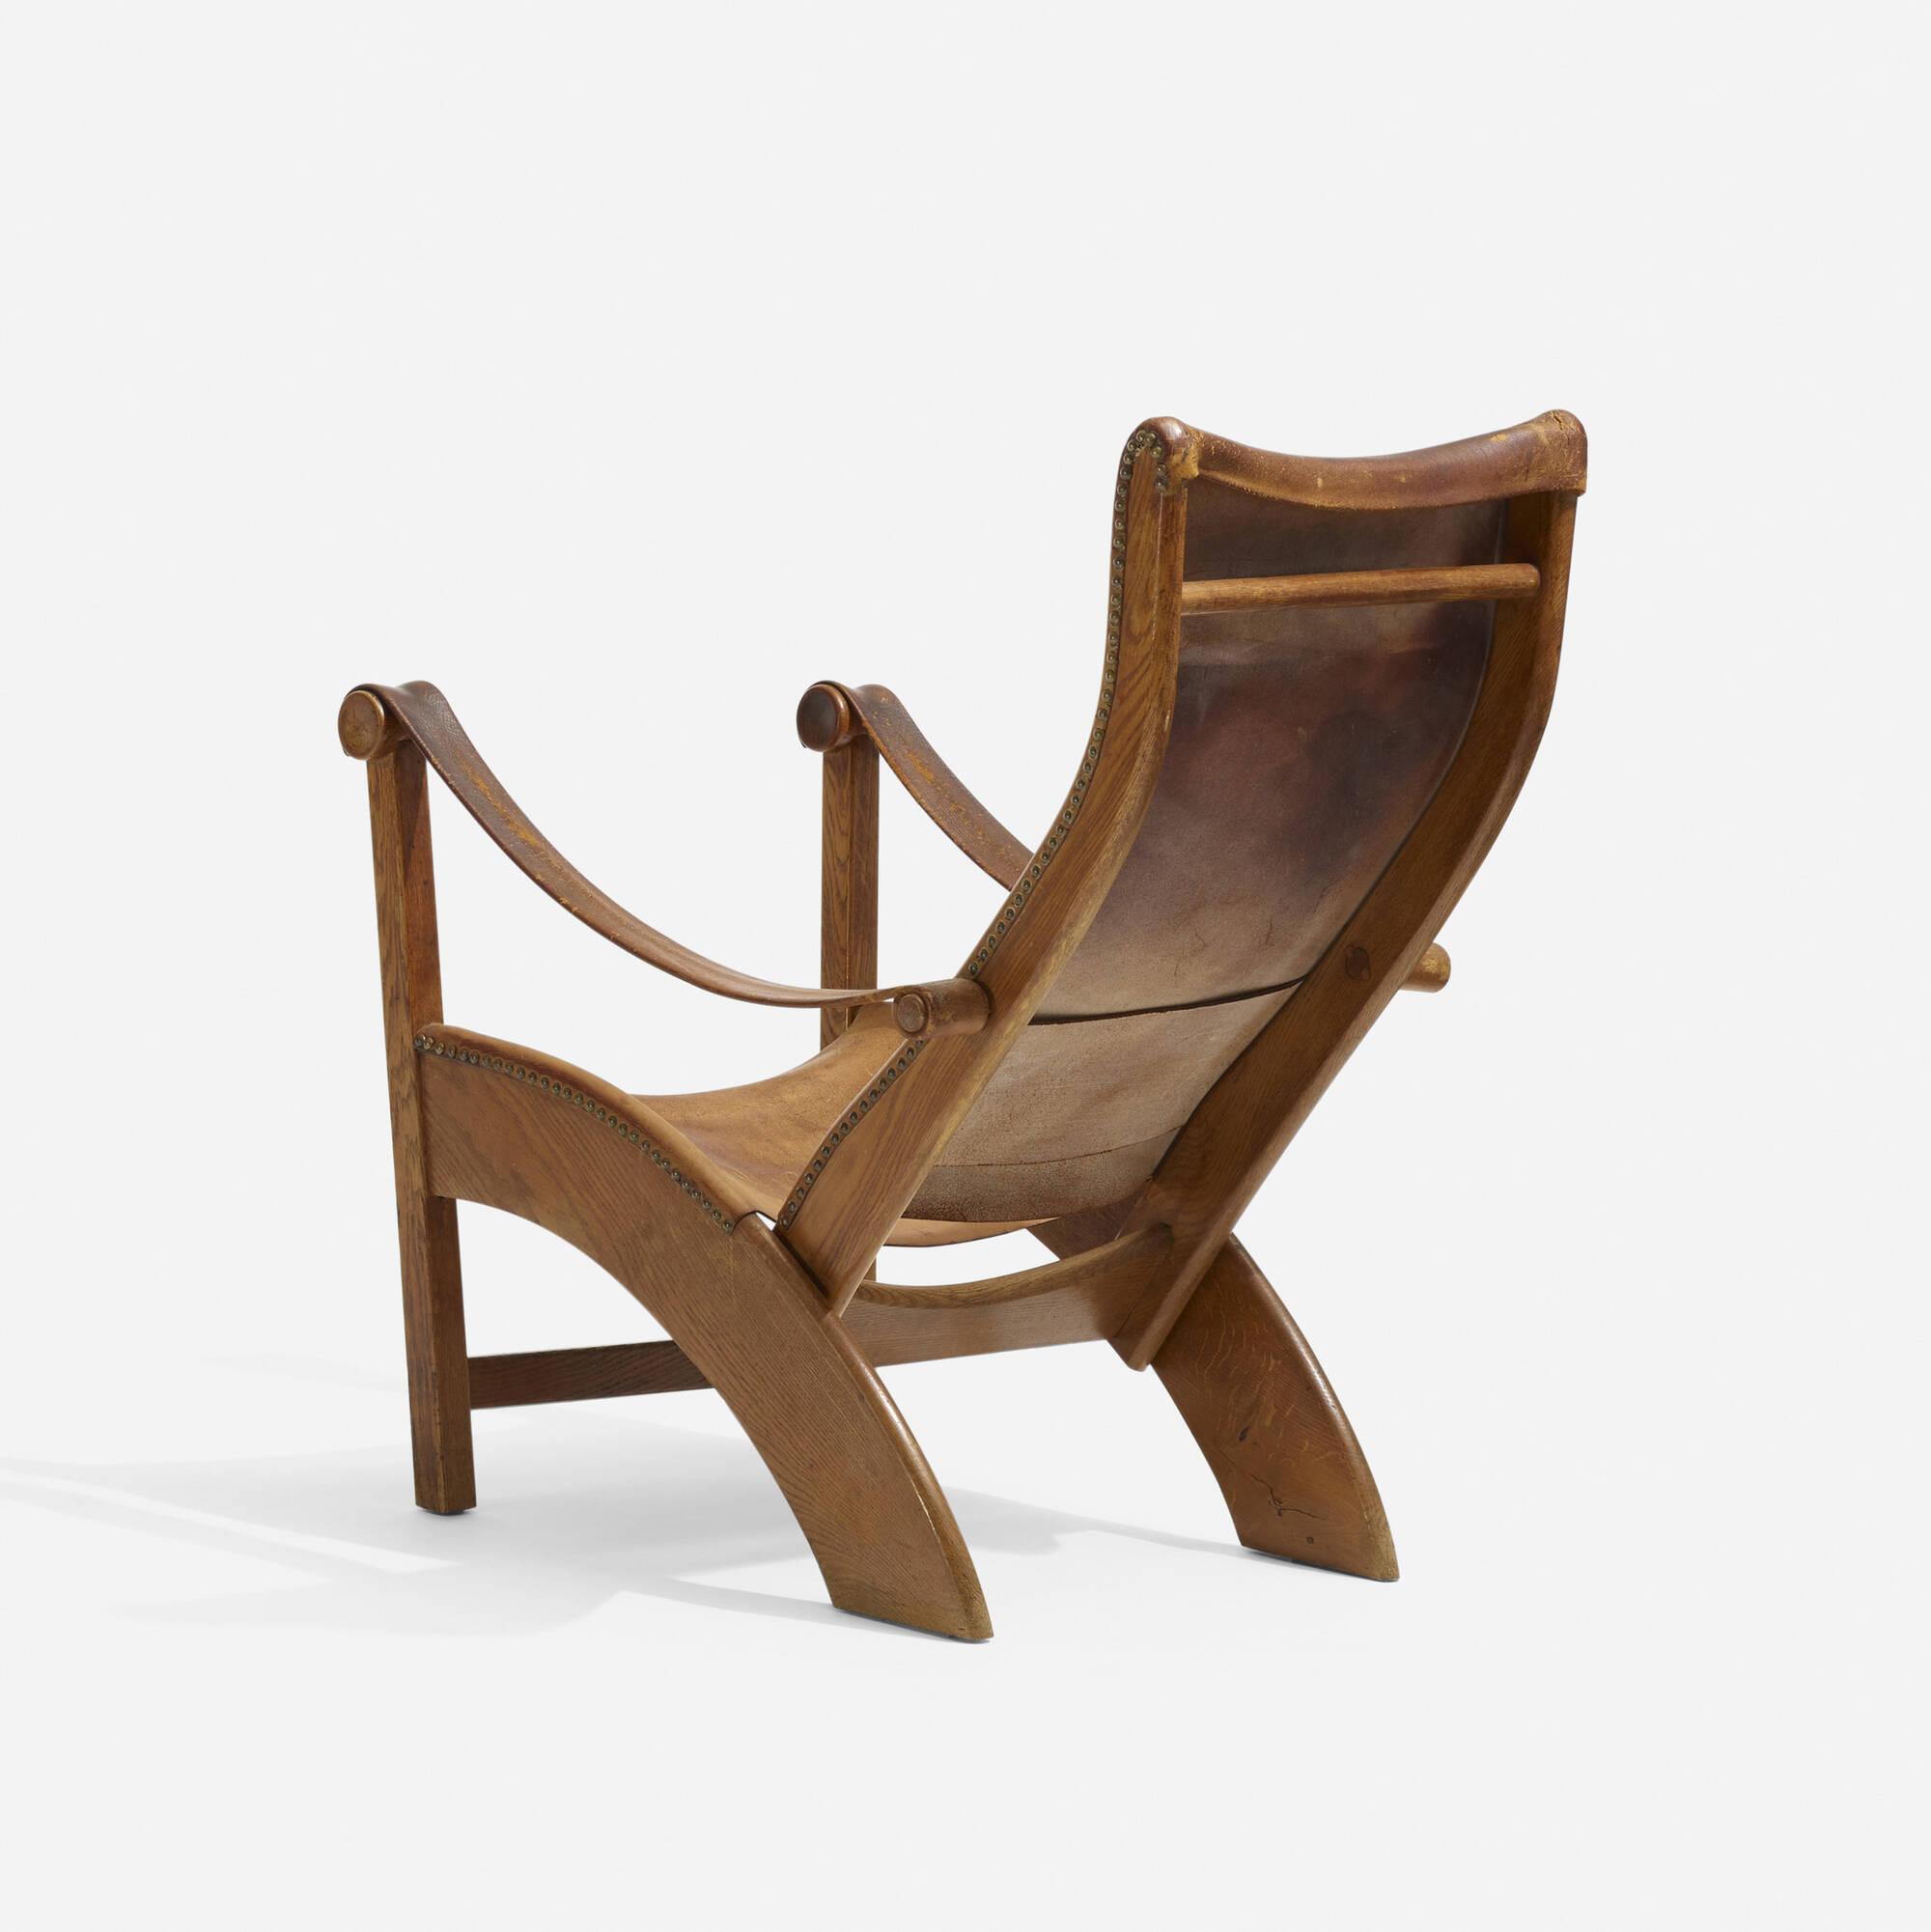 219: Mogens Voltelen / Copenhagen chair (2 of 3)